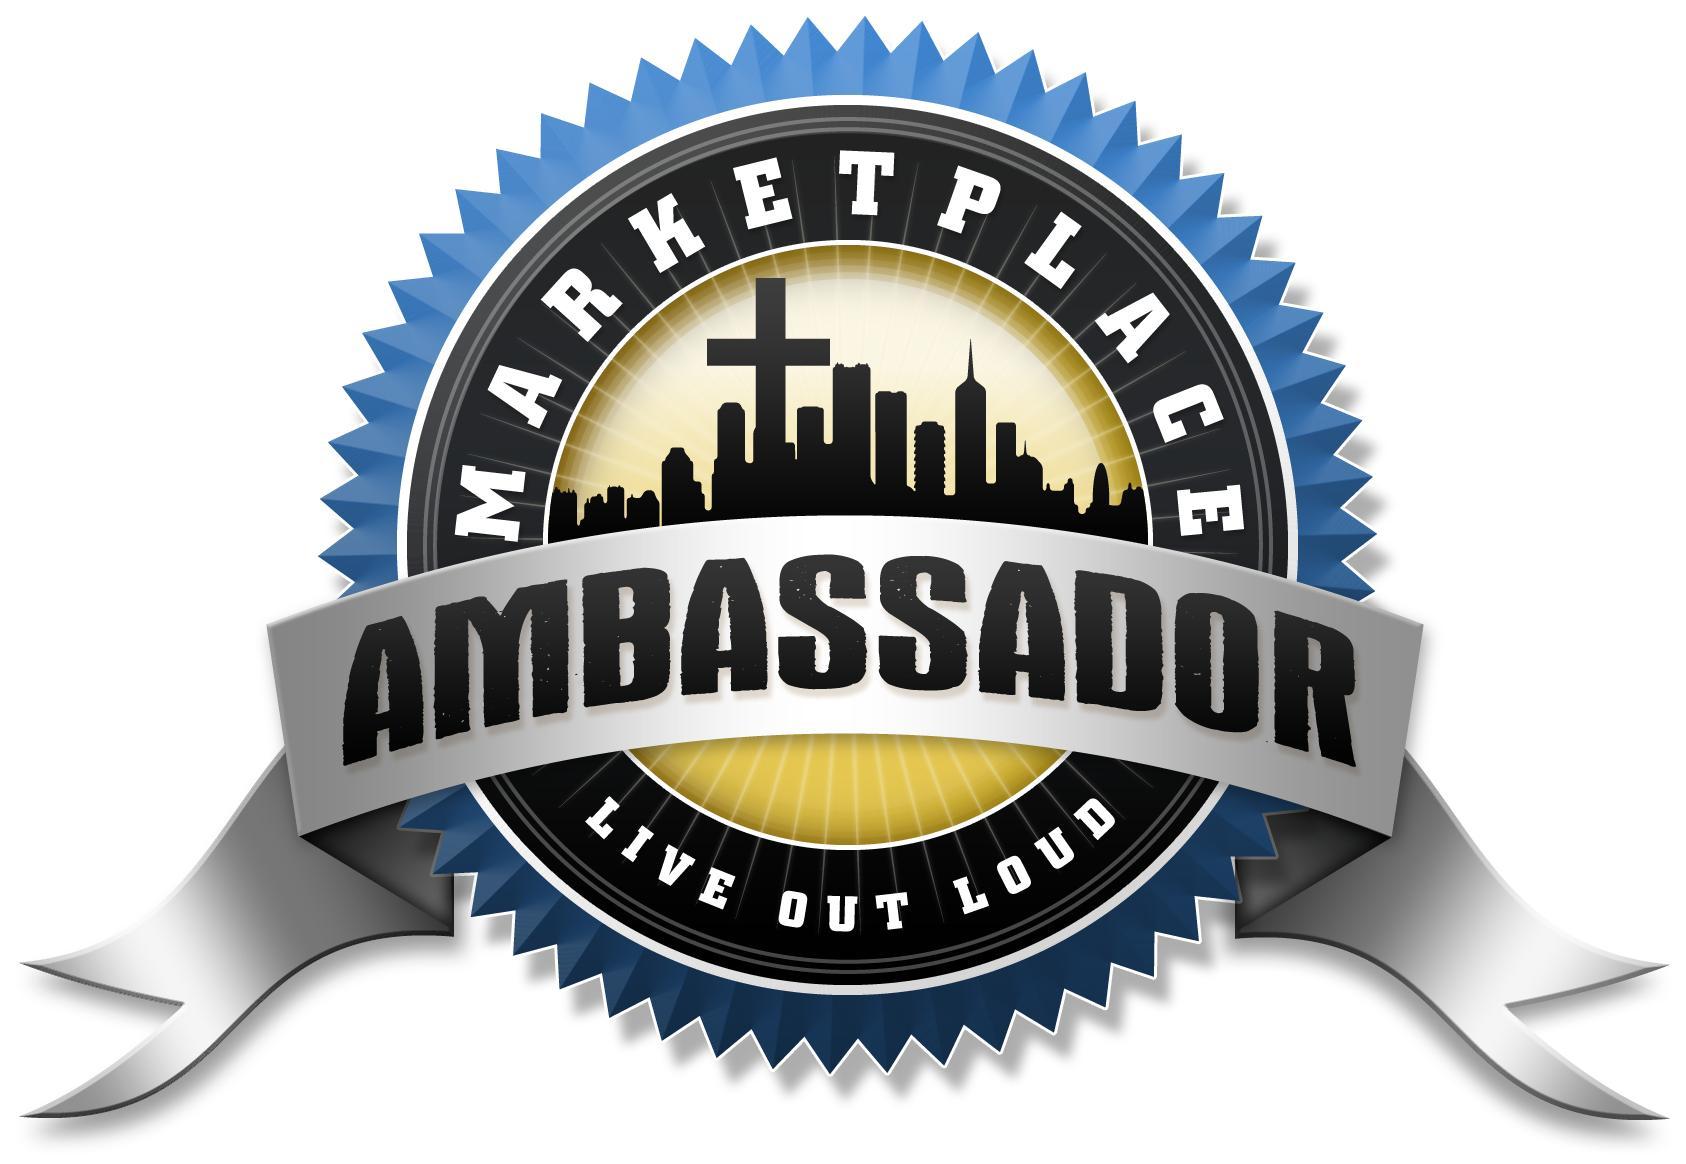 marketplace ambassador logo